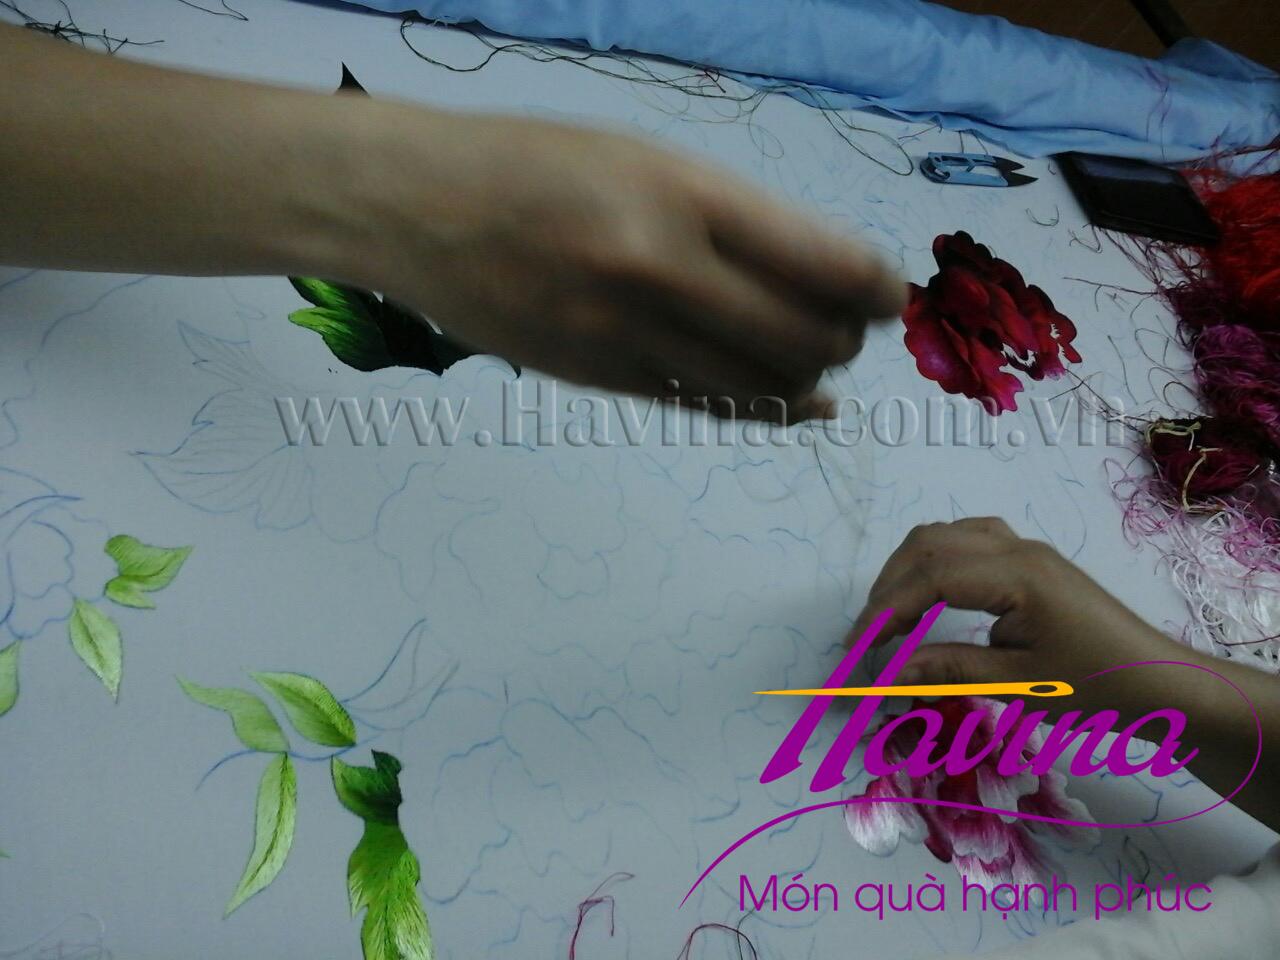 Nghệ nhân tranh thêu tay Huế thêu bức tranh thêu hoa mẫu đơn